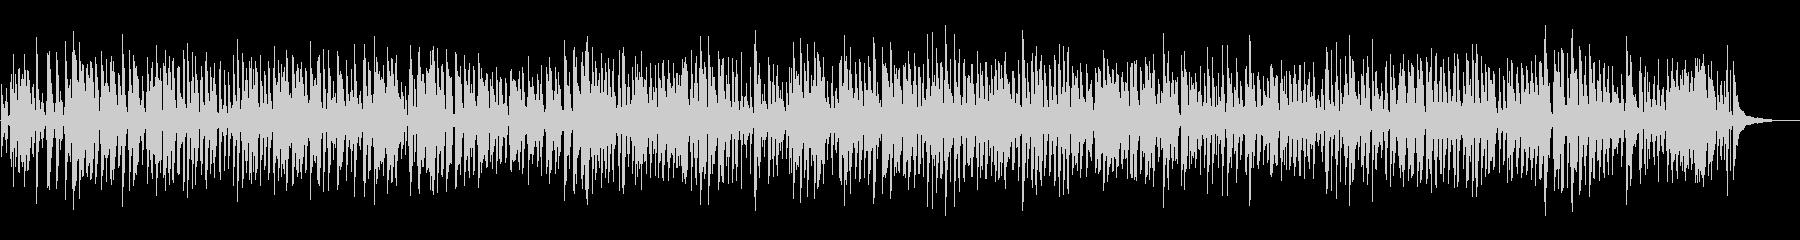 おしゃれなソフトジャズピアノトリオの未再生の波形